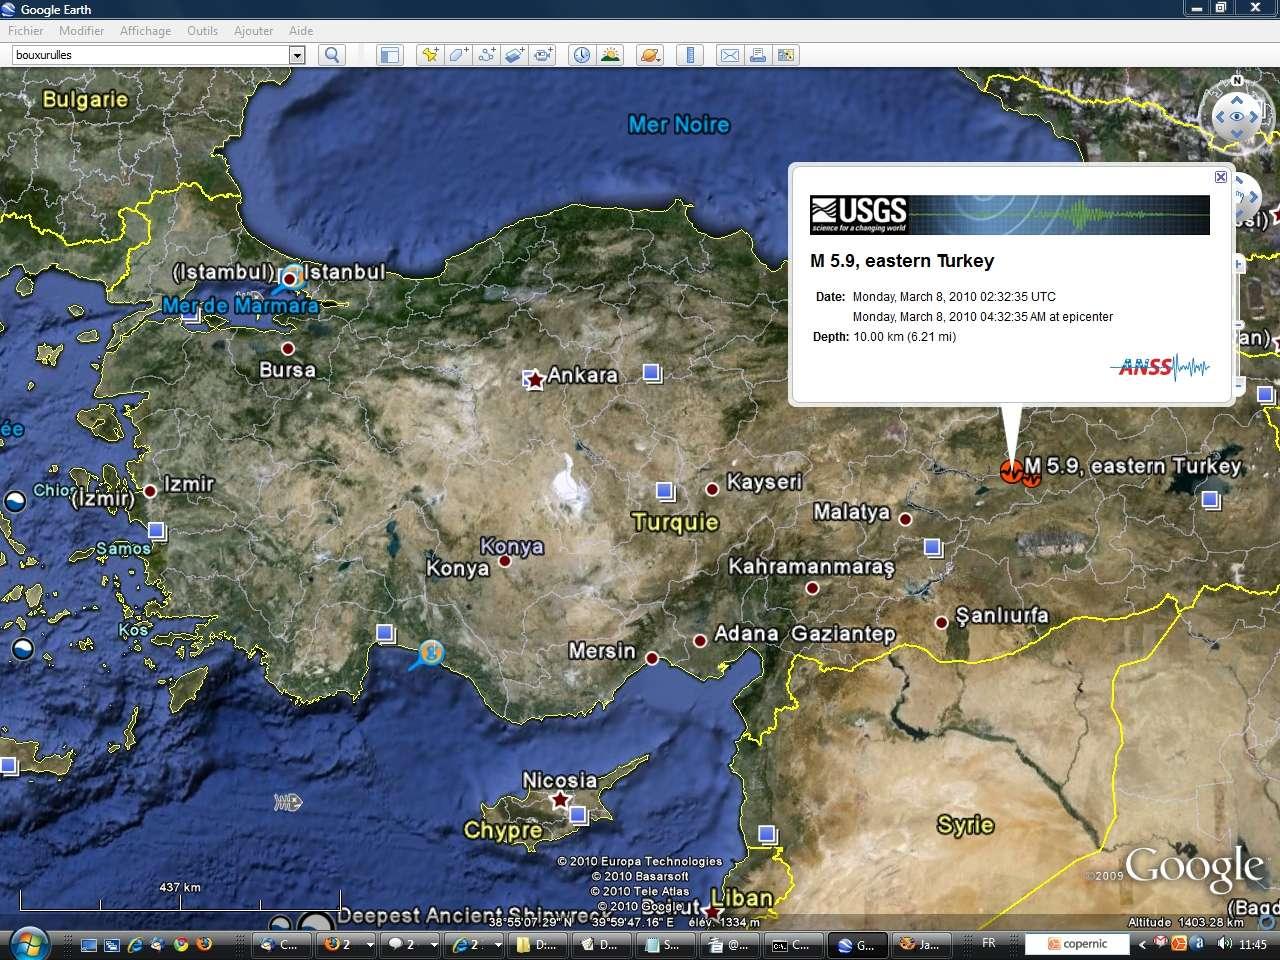 Le séisme s'est produit à environ 10 kilomètres de profondeur dans la partie est de l'Anatolie. Le village de Okcular a été le plus touché. © Google Earth / ANSS (Advanced National Seismic System)